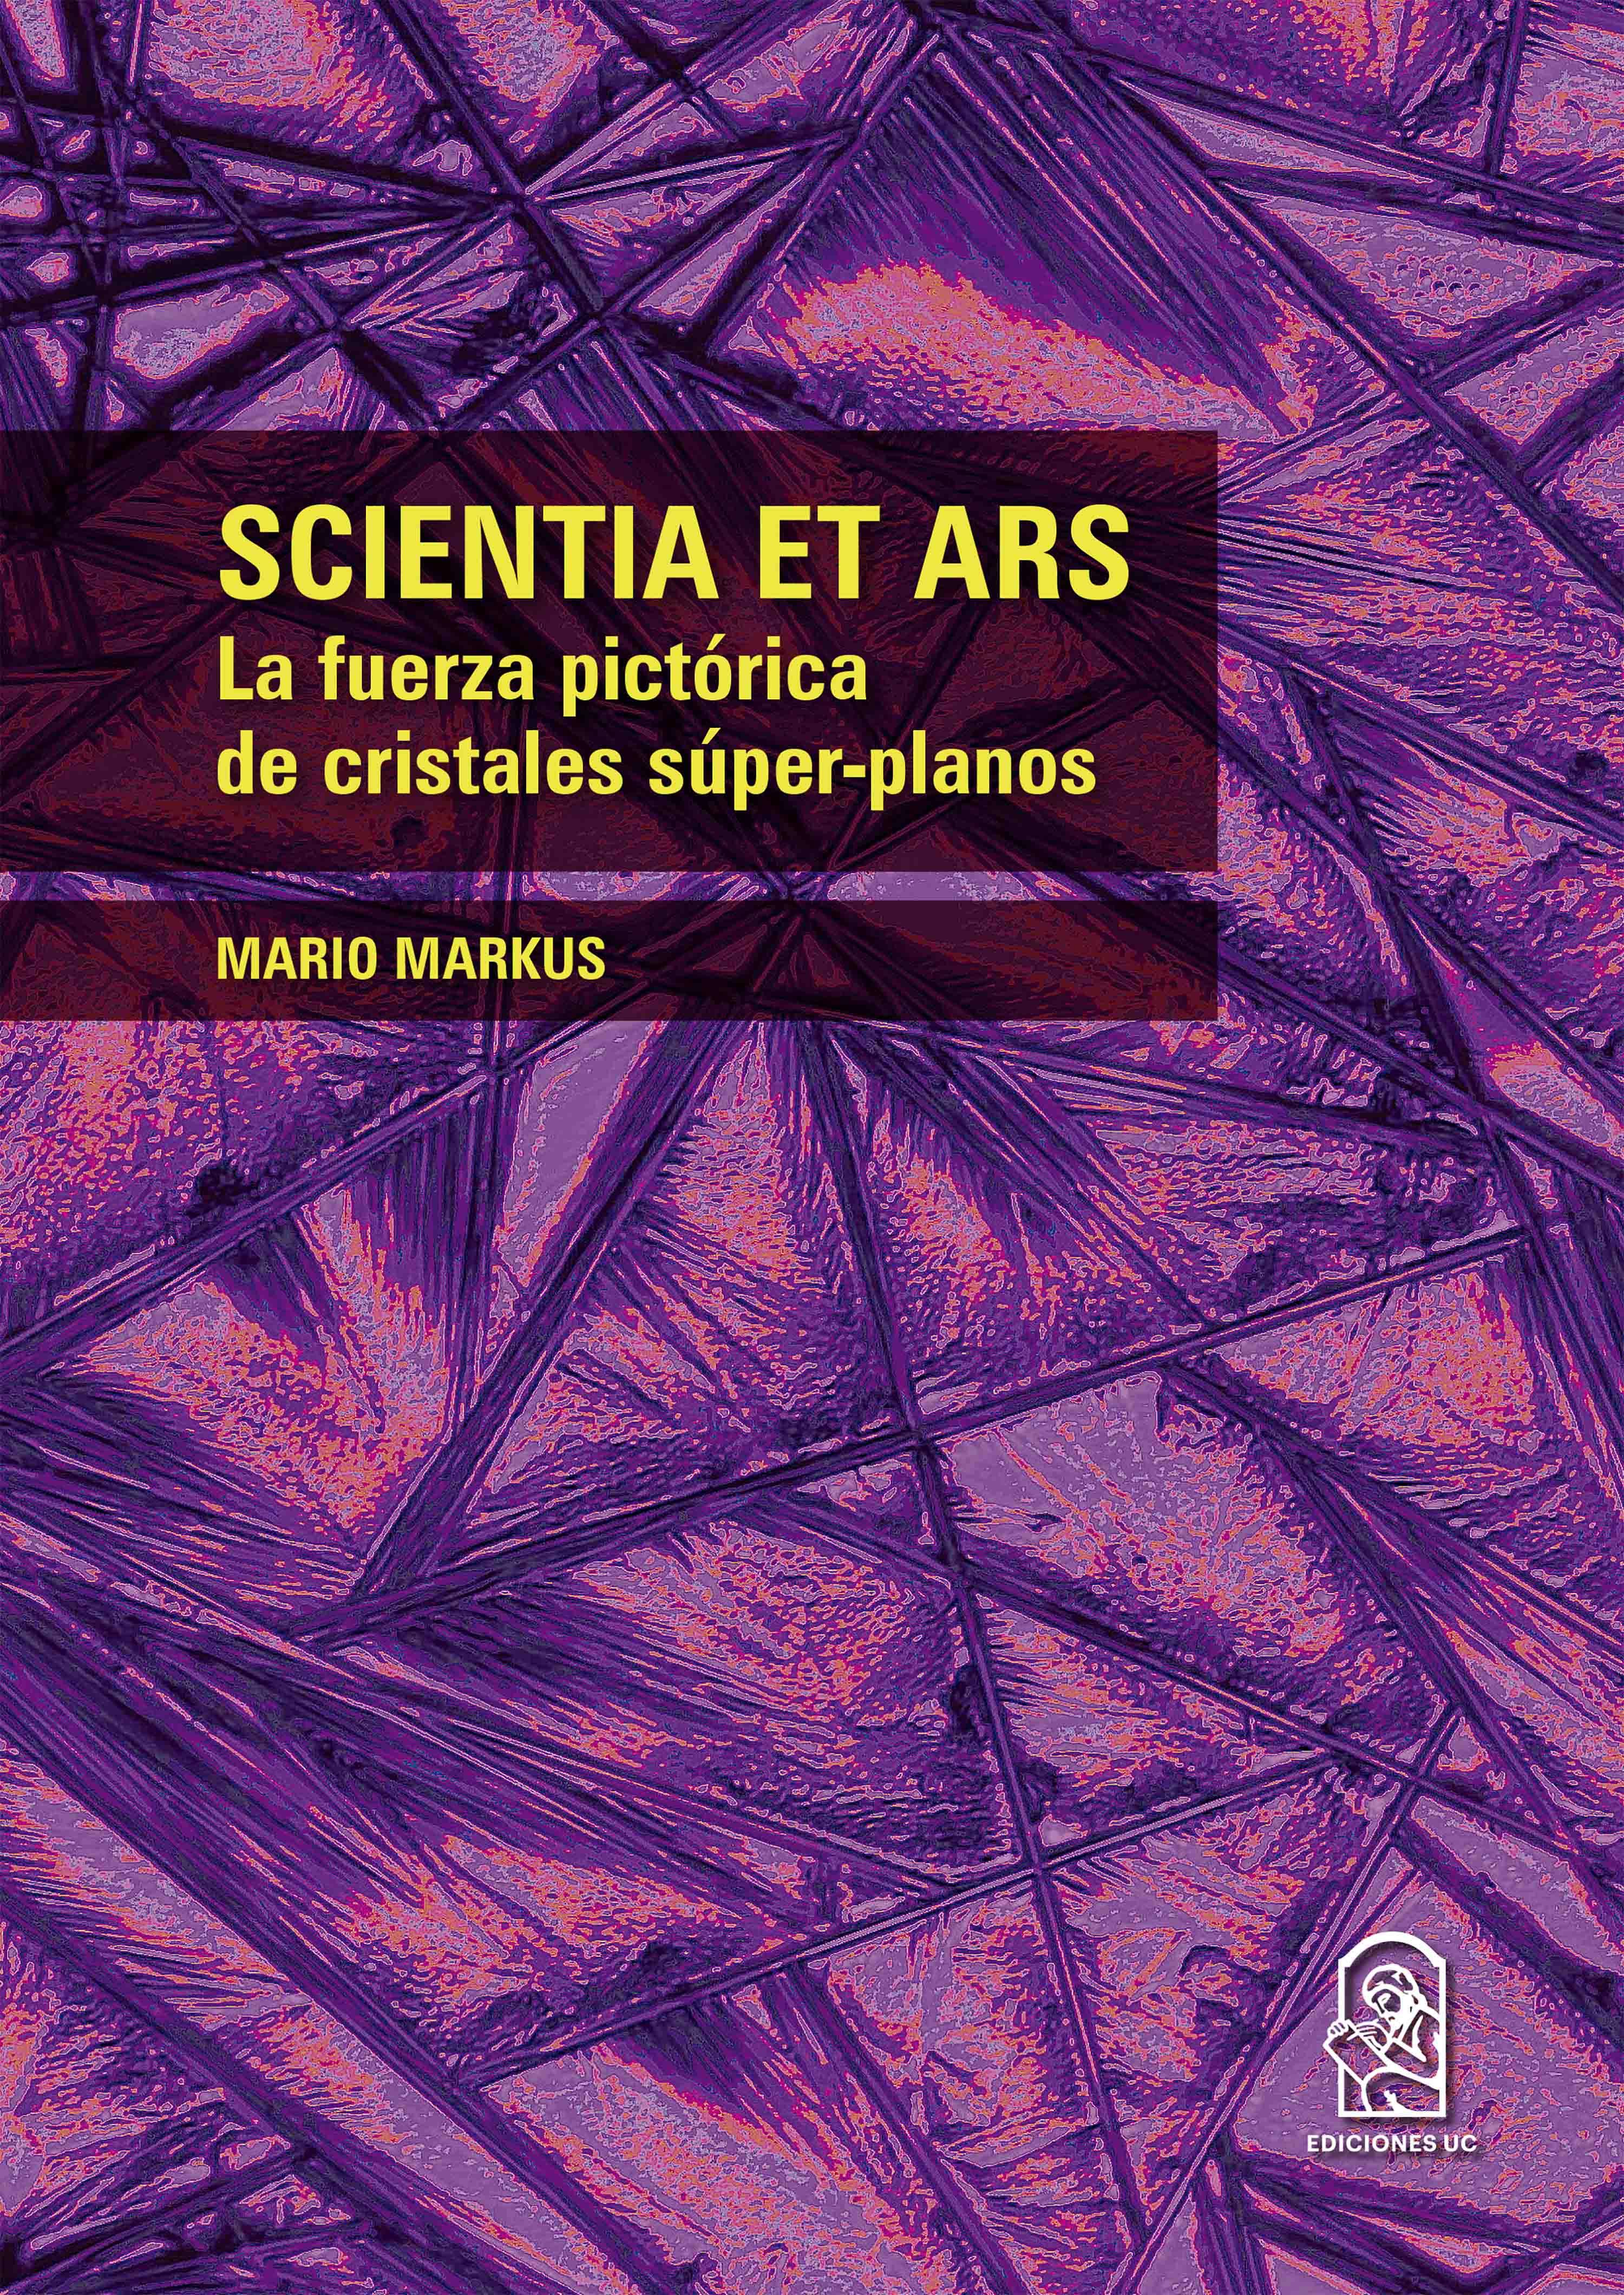 Mario Markus Scientia et ars jános bolyai scientia spatii absolute vera latin edition